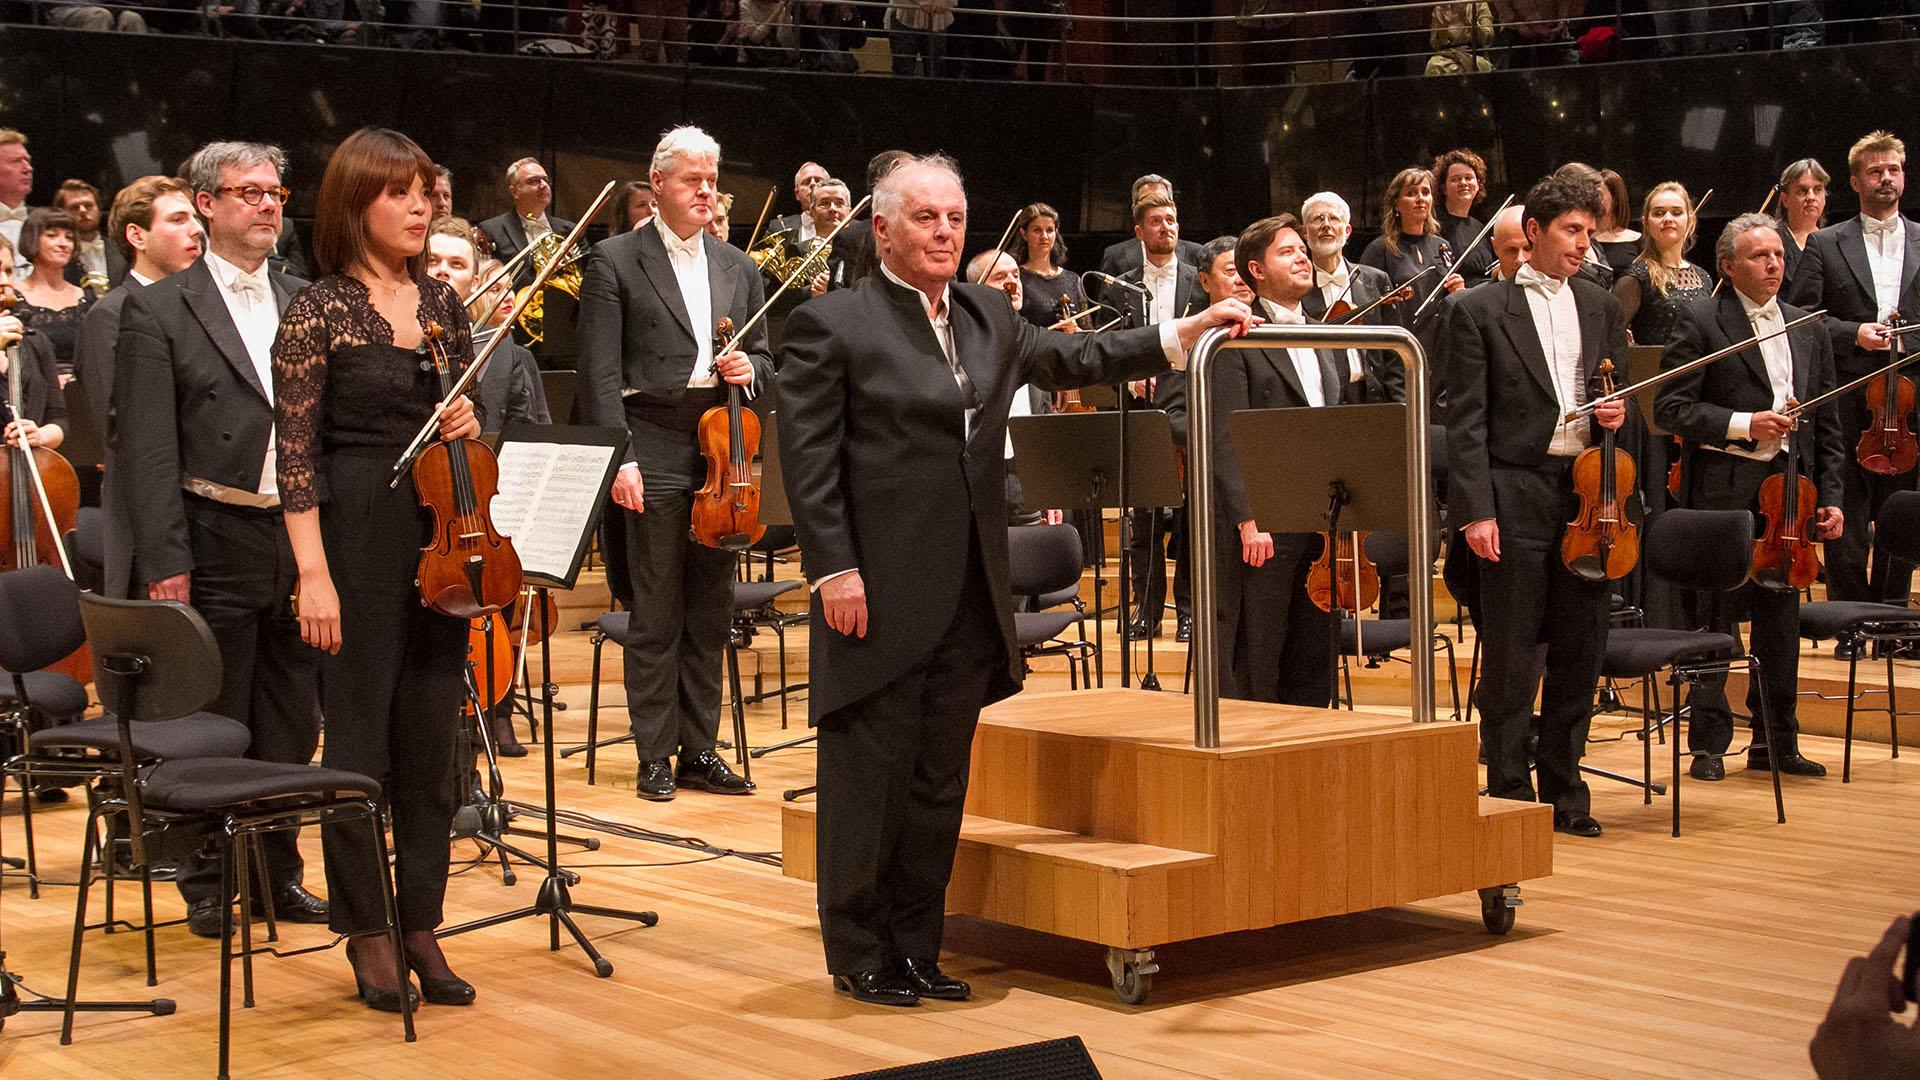 La serie de presentaciones de Daniel Barenboim y la Staatskapelle Berlin en el CCK concluyó con un tributo a Claude Debussy, en el centenario de su fallecimiento, y una de las cumbres del repertorio: La consagración de la primavera, de Igor Stravinski